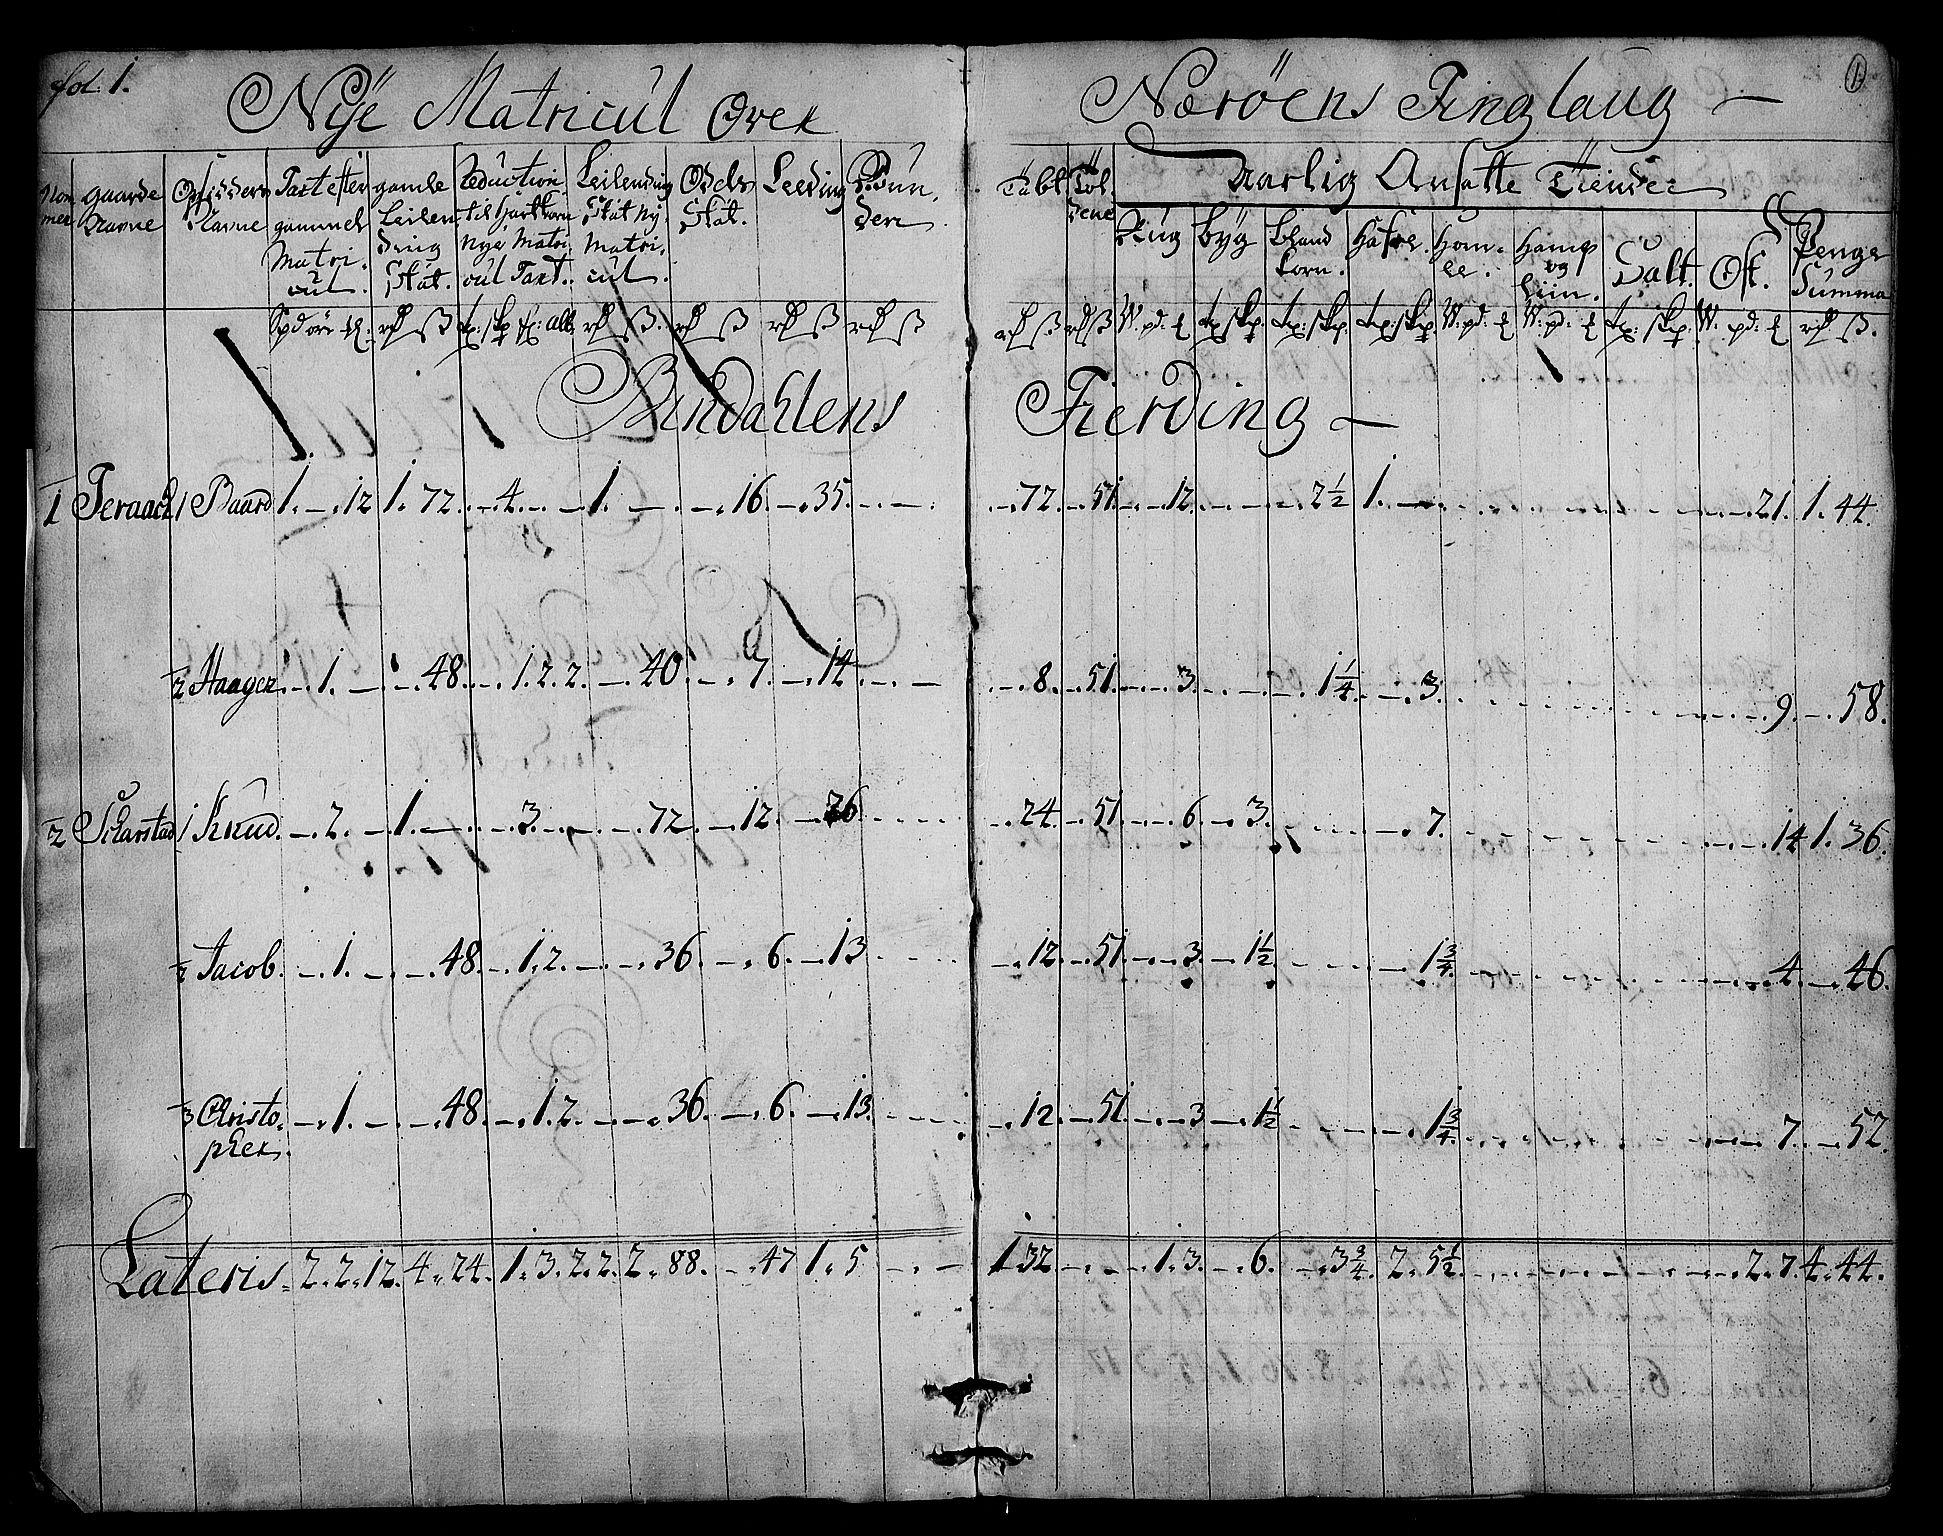 RA, Rentekammeret inntil 1814, Realistisk ordnet avdeling, N/Nb/Nbf/L0169: Namdalen matrikkelprotokoll, 1723, s. 1a